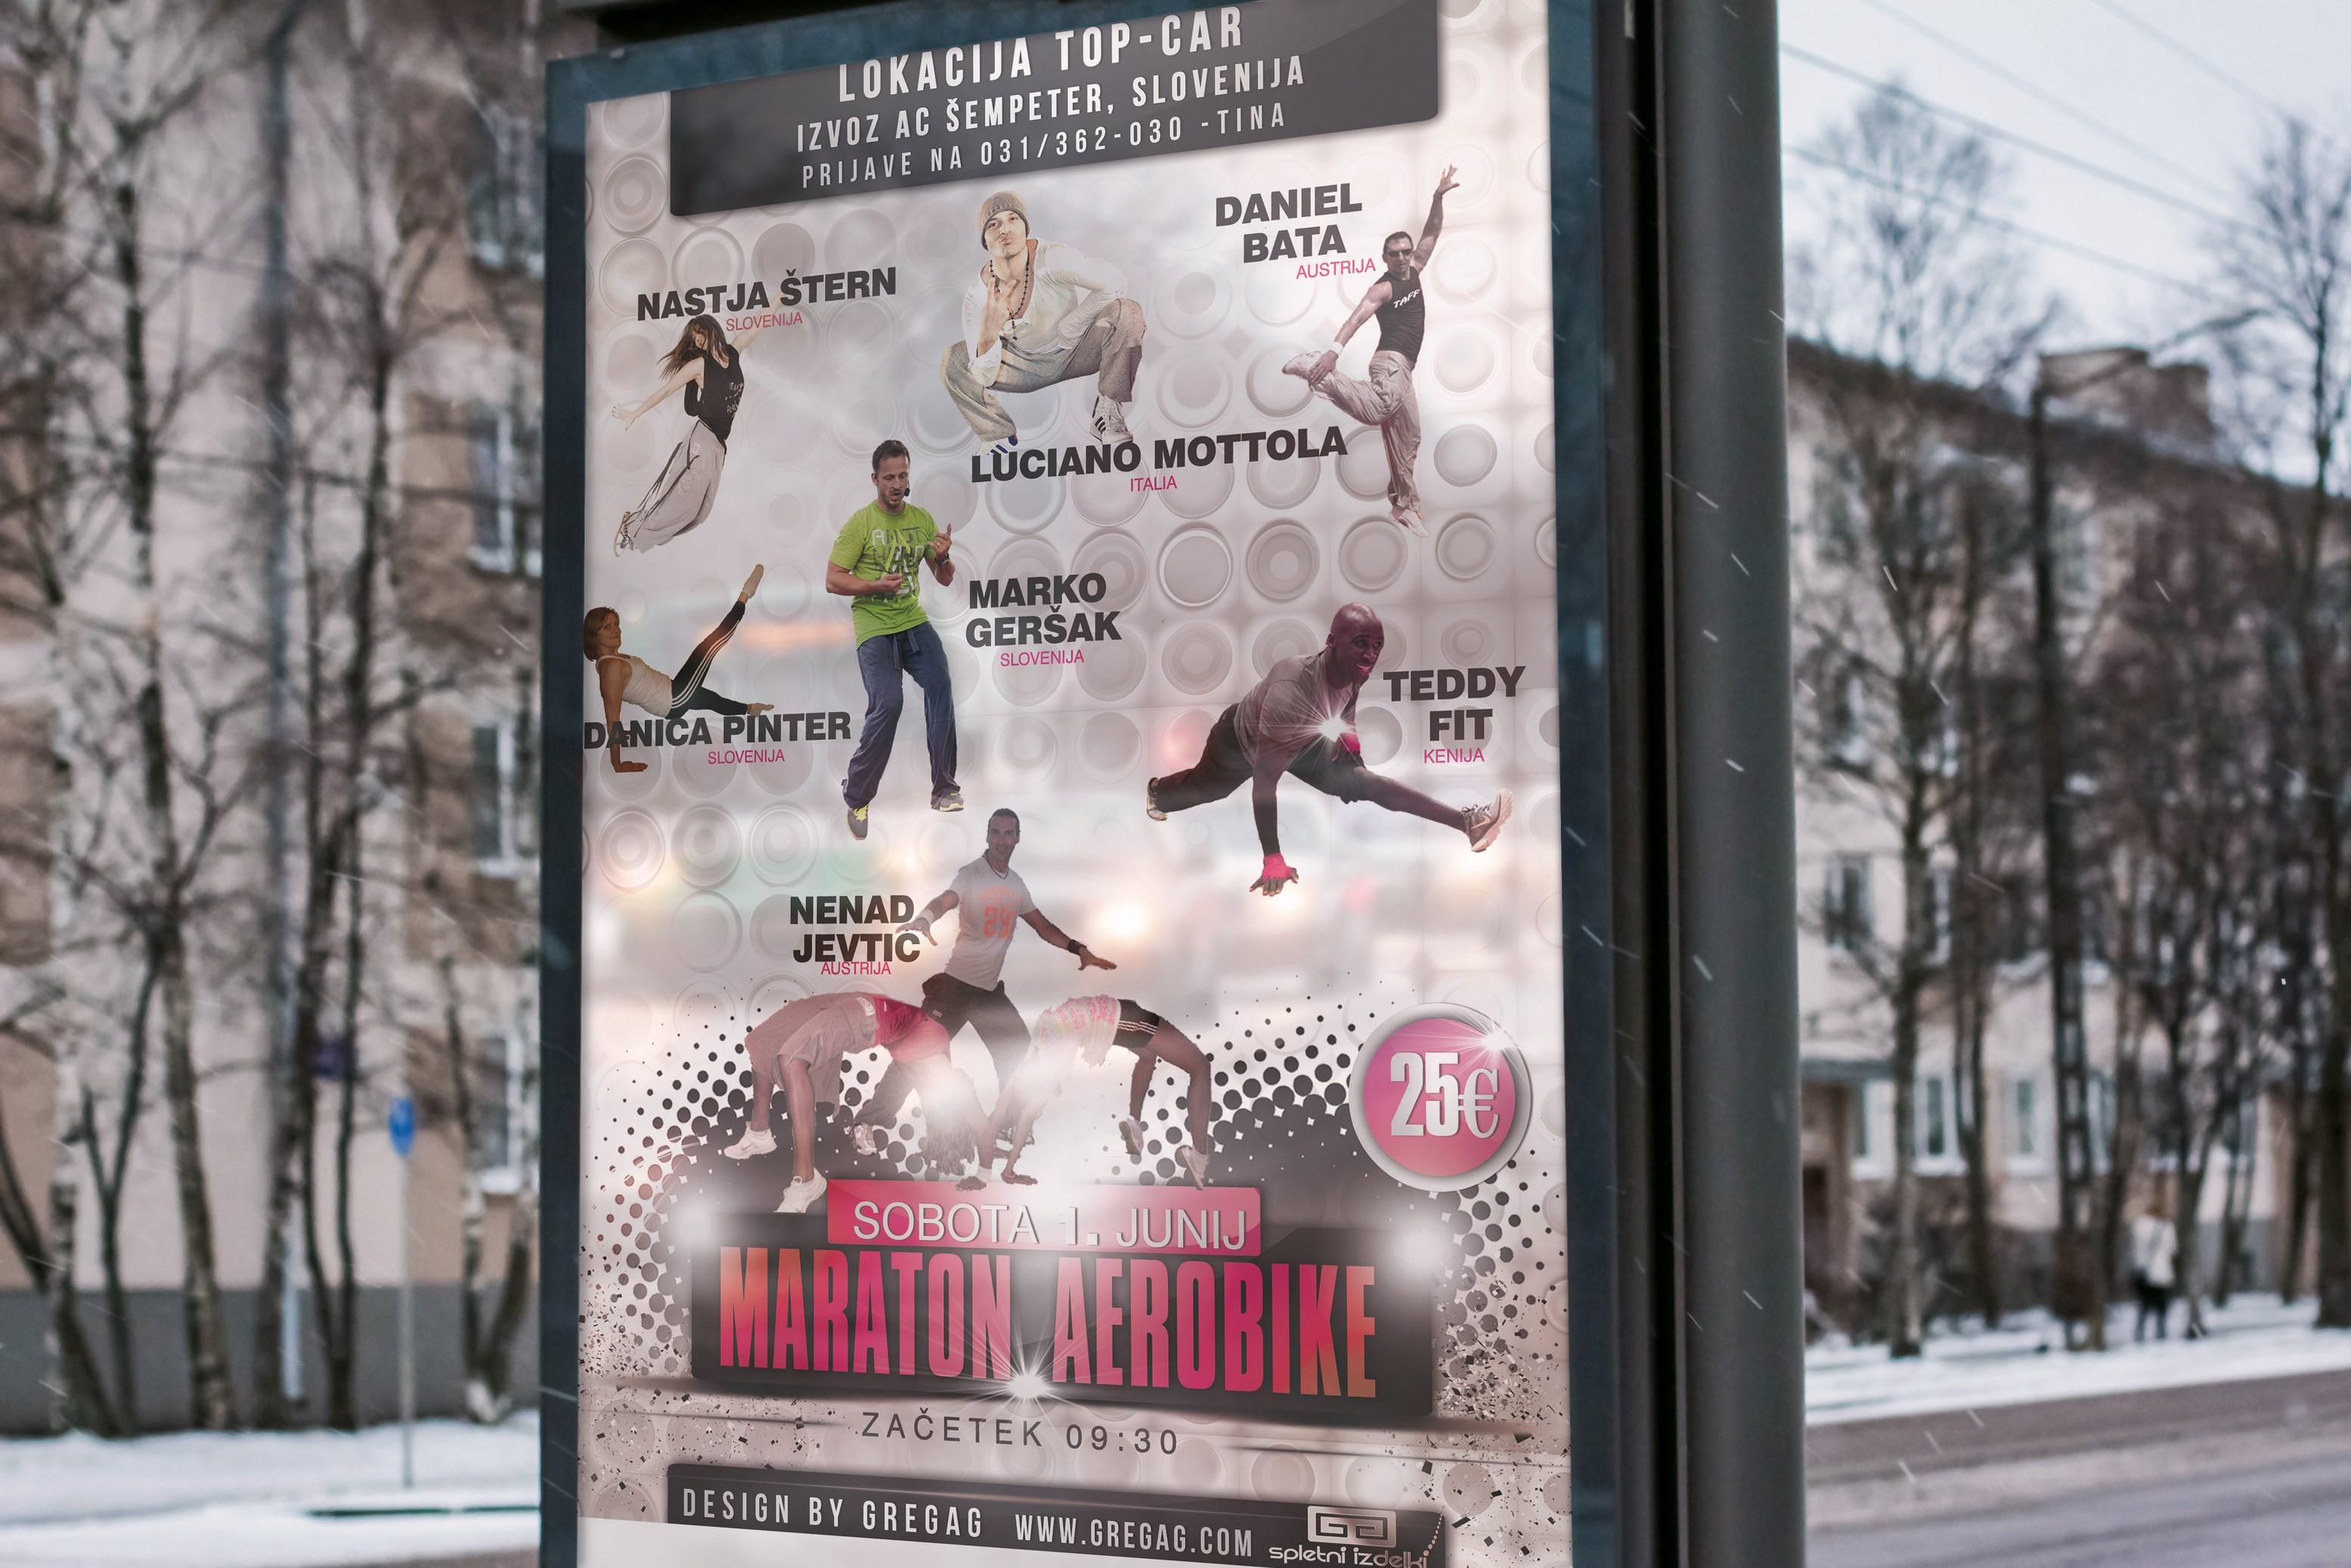 Izdelava reklamnega materiala za športno prireditev. 11